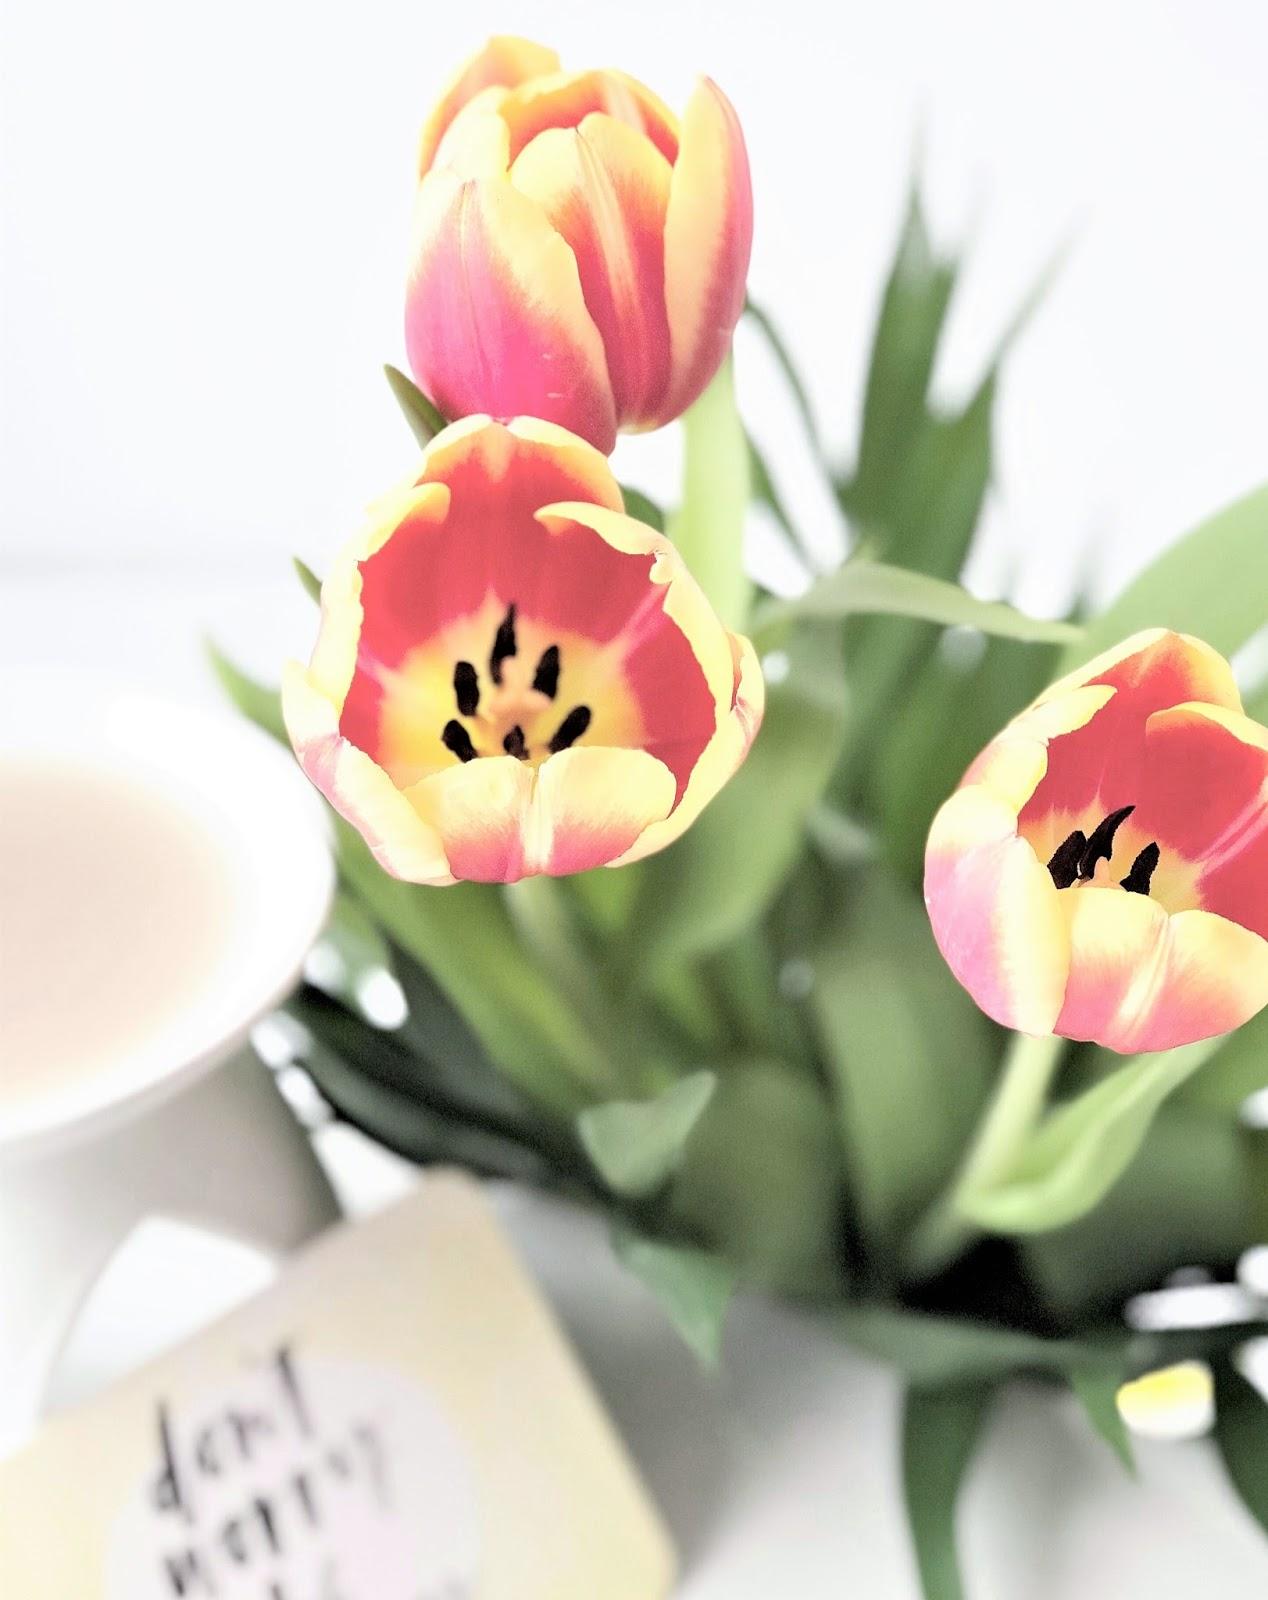 woski-zapachowe-na-wiosne